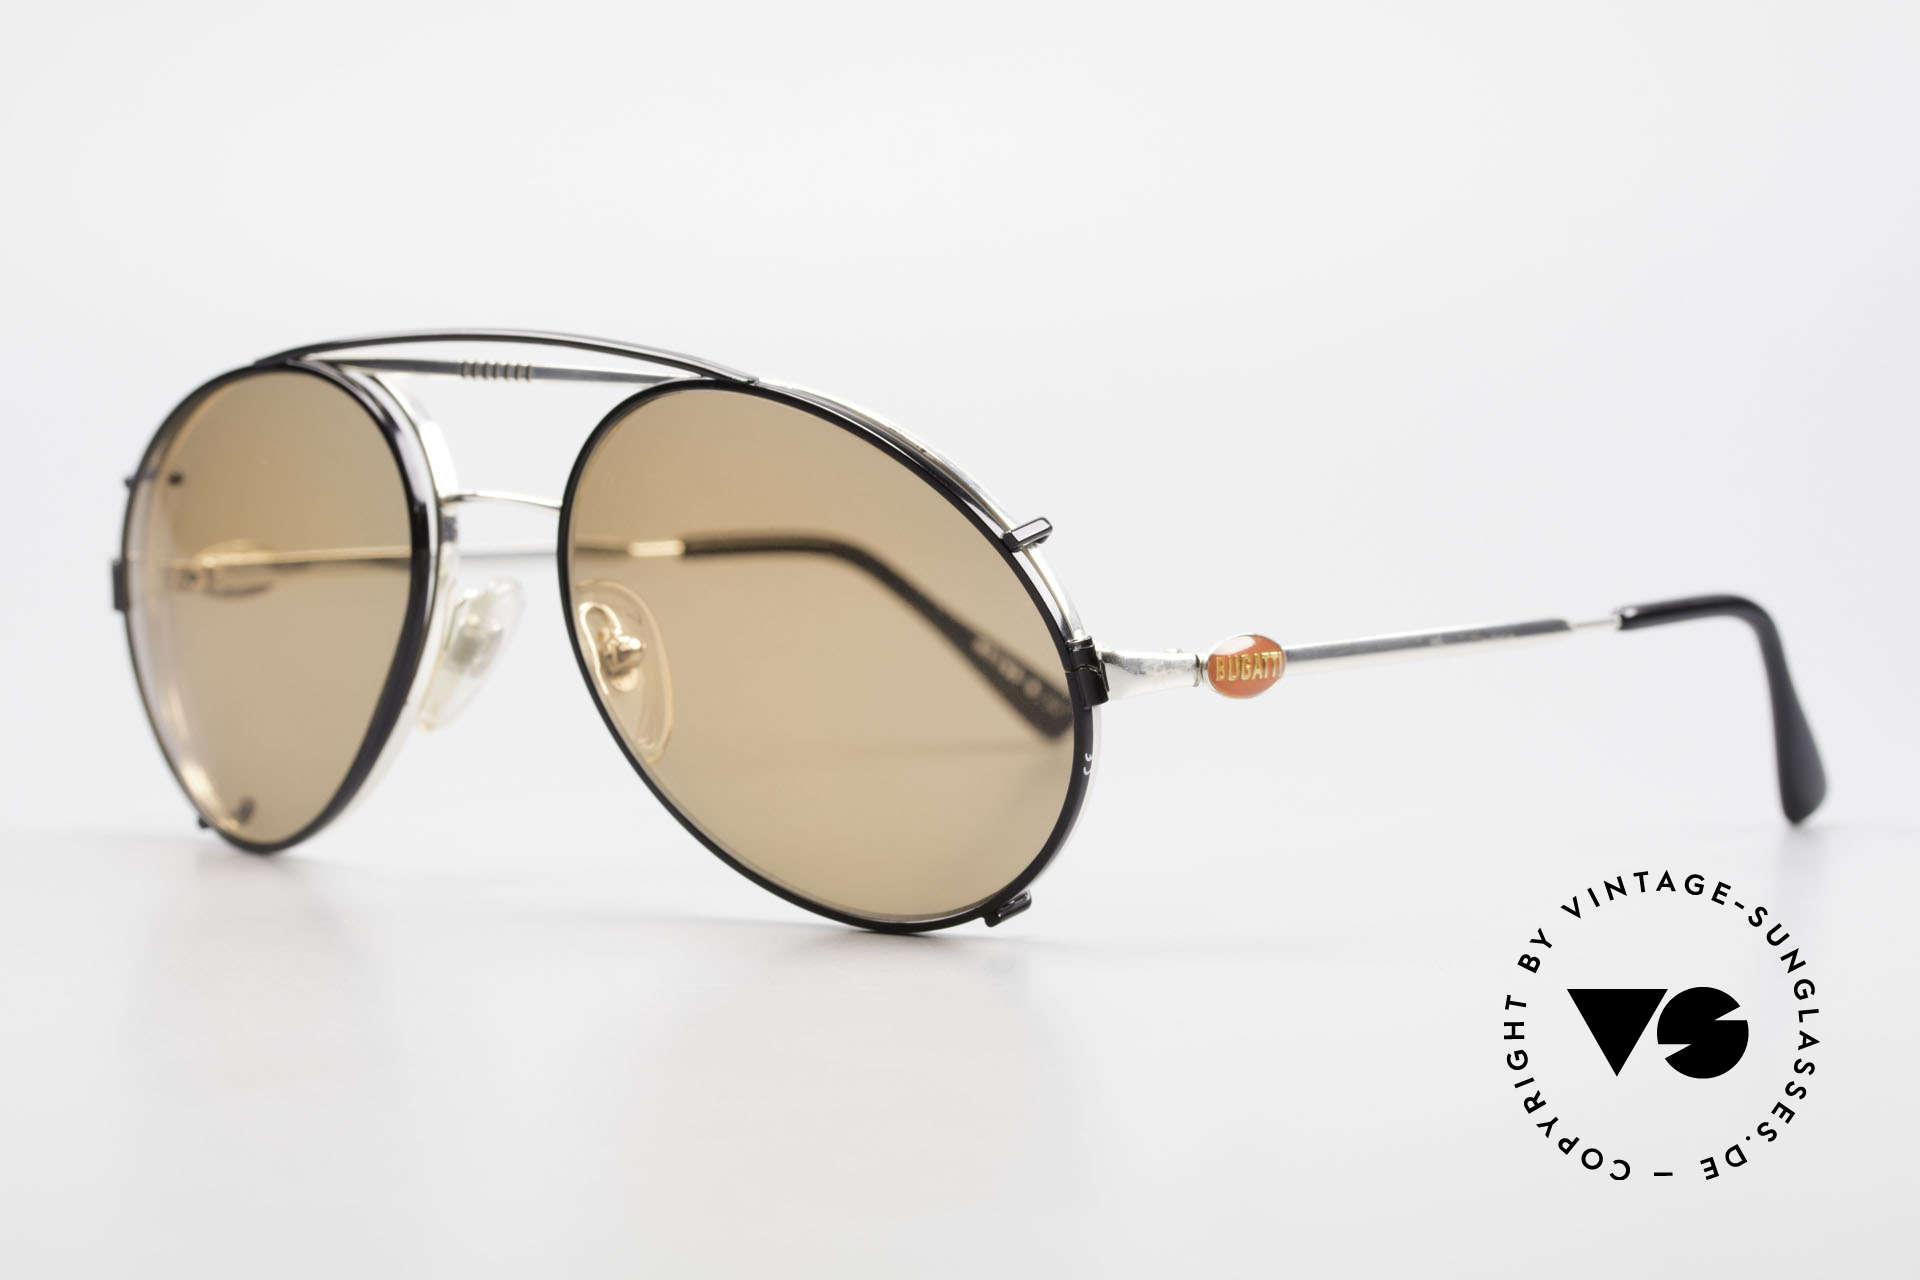 Bugatti 65996 Vintage Brille Mit Sonnenclip, VINTAGE Gestell mit praktischem Sonnen-Clip, Passend für Herren